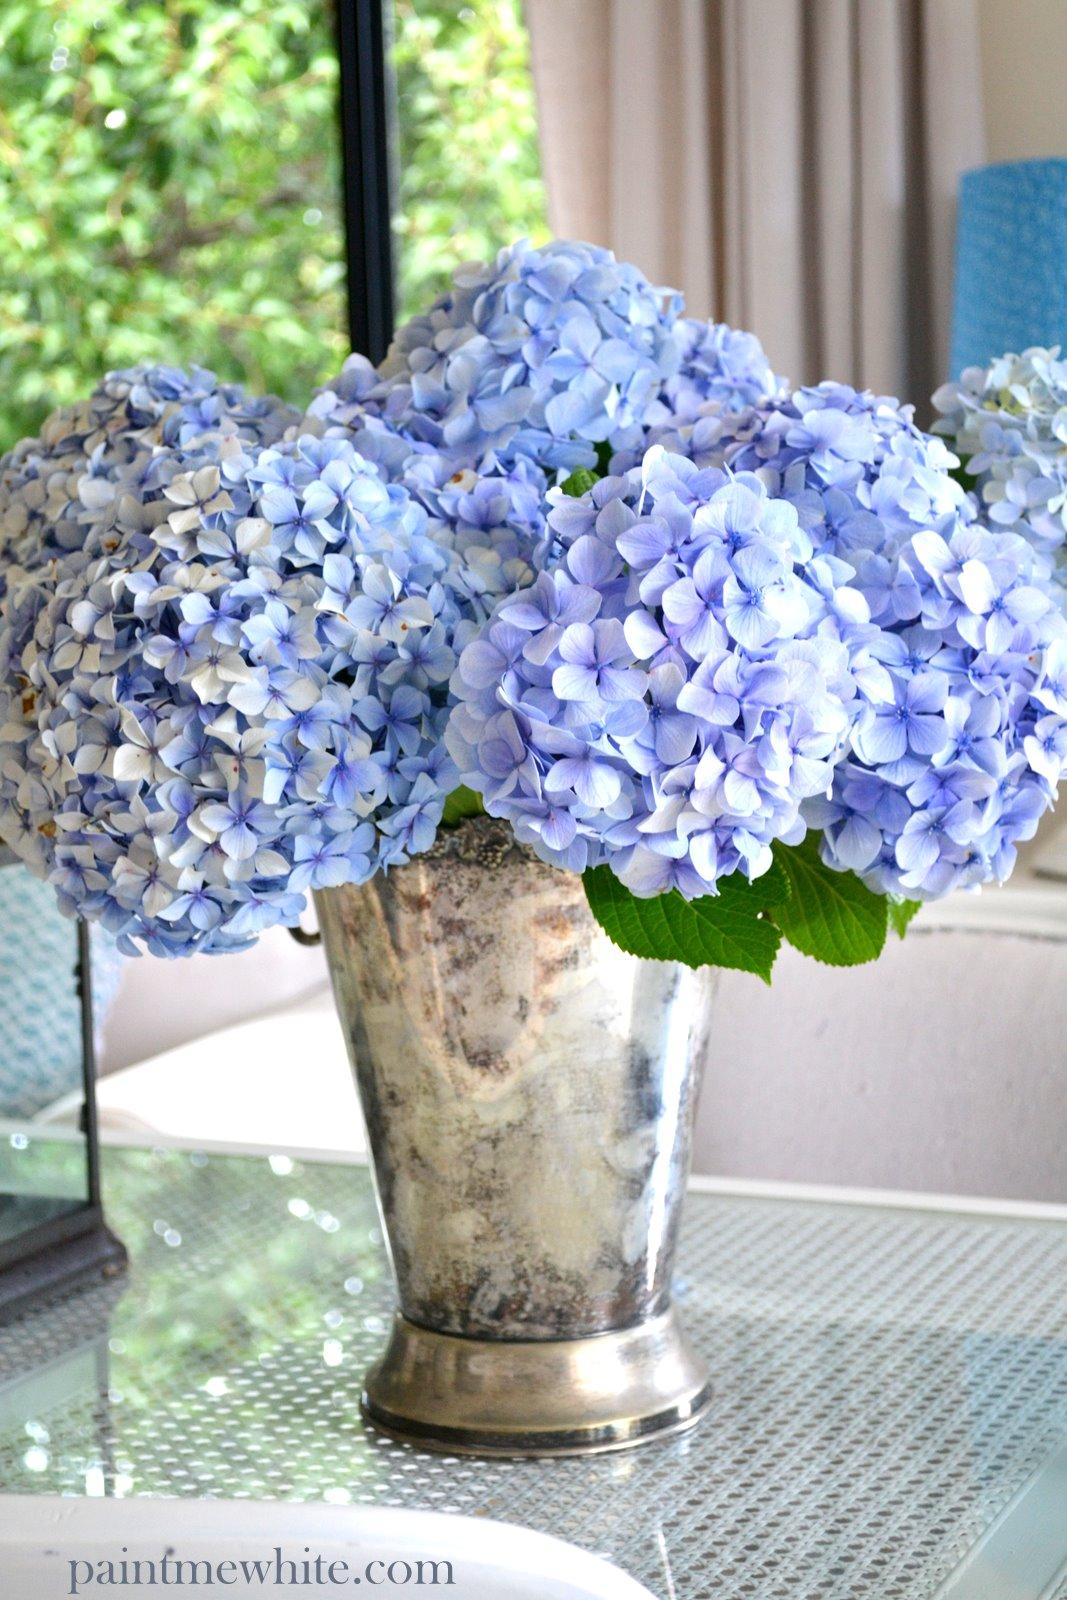 Почему нельзя дома держать посуду с синими цветами